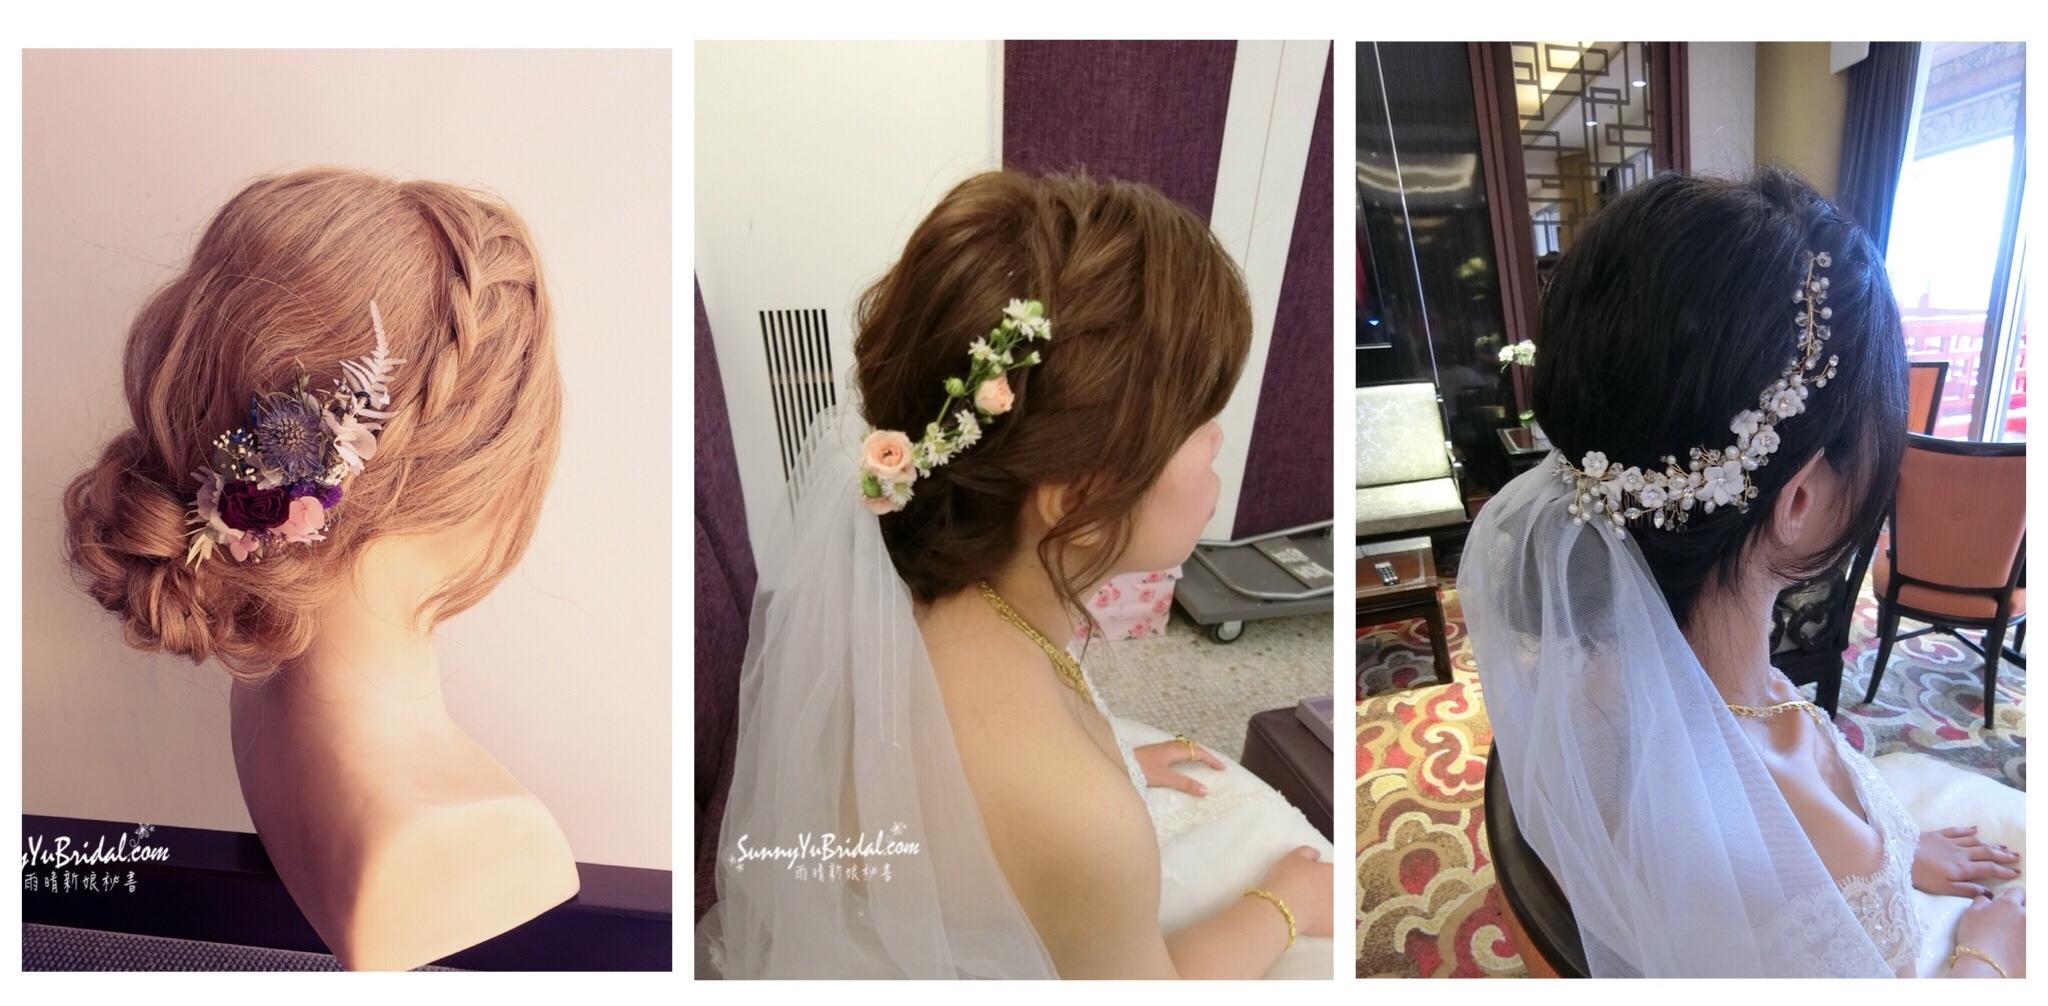 新娘髮色 新娘需要染髮嗎 新娘盤髮造型 新娘髮型 台北新娘秘書雨晴 南港內湖新秘推薦 新娘染髮